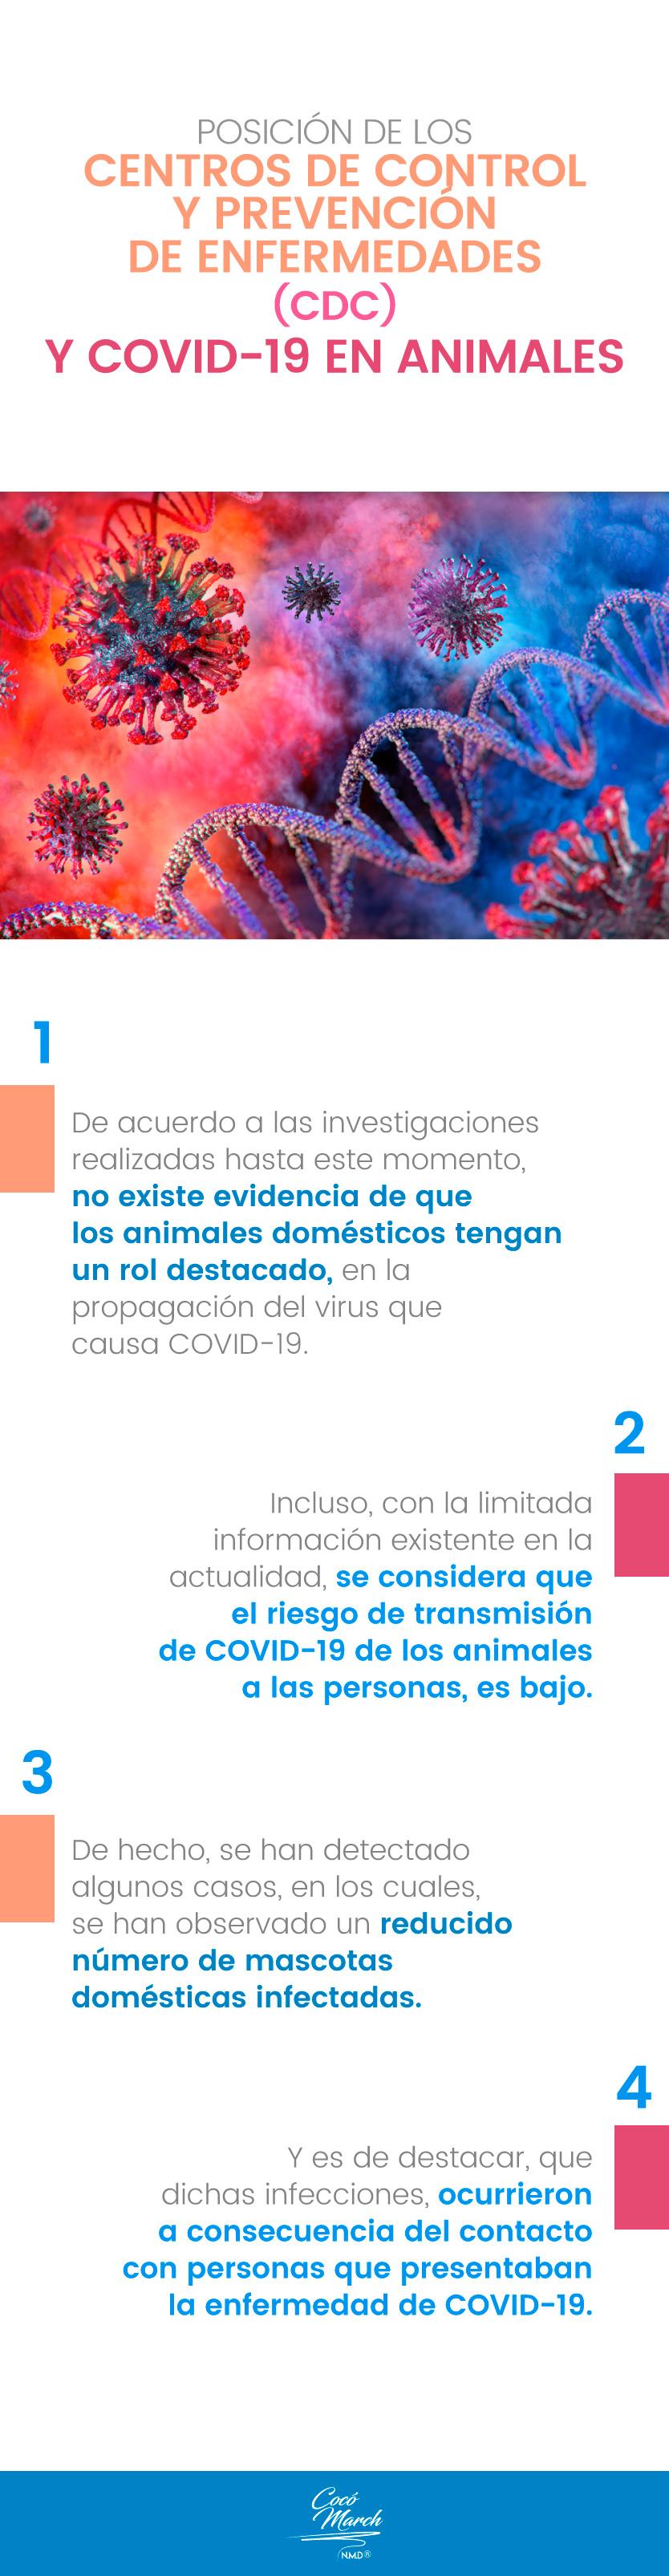 prevencion-del-covid-19-en-animales